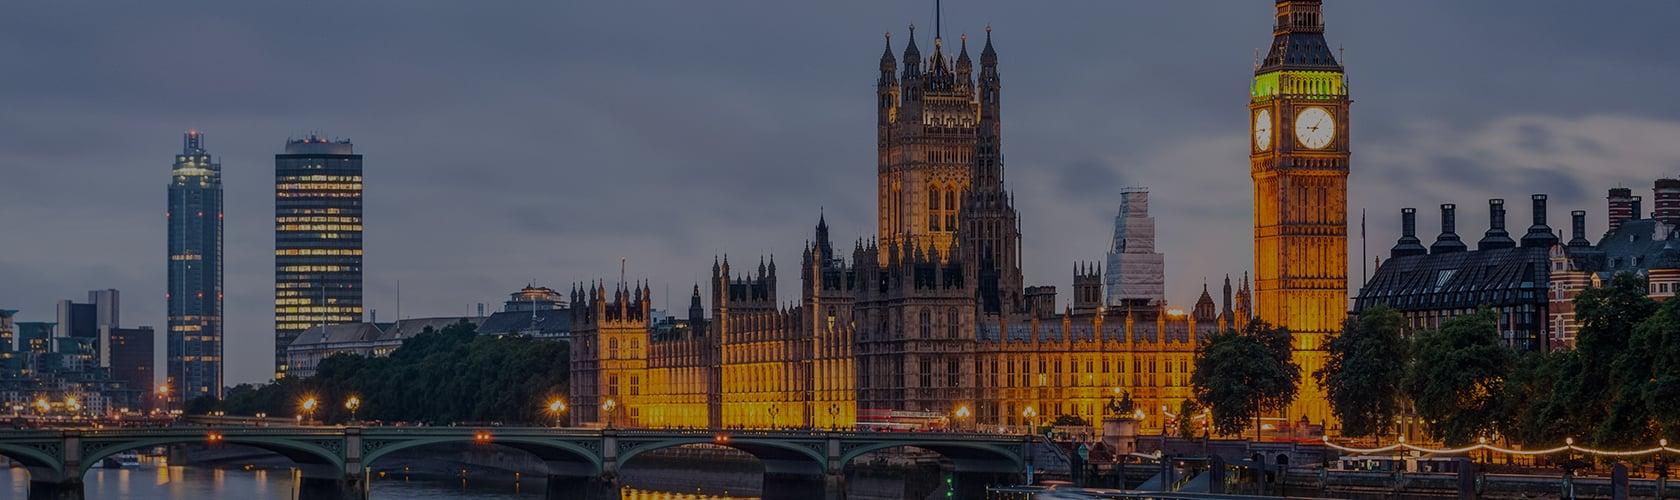 Hubspot-hero-central-gov